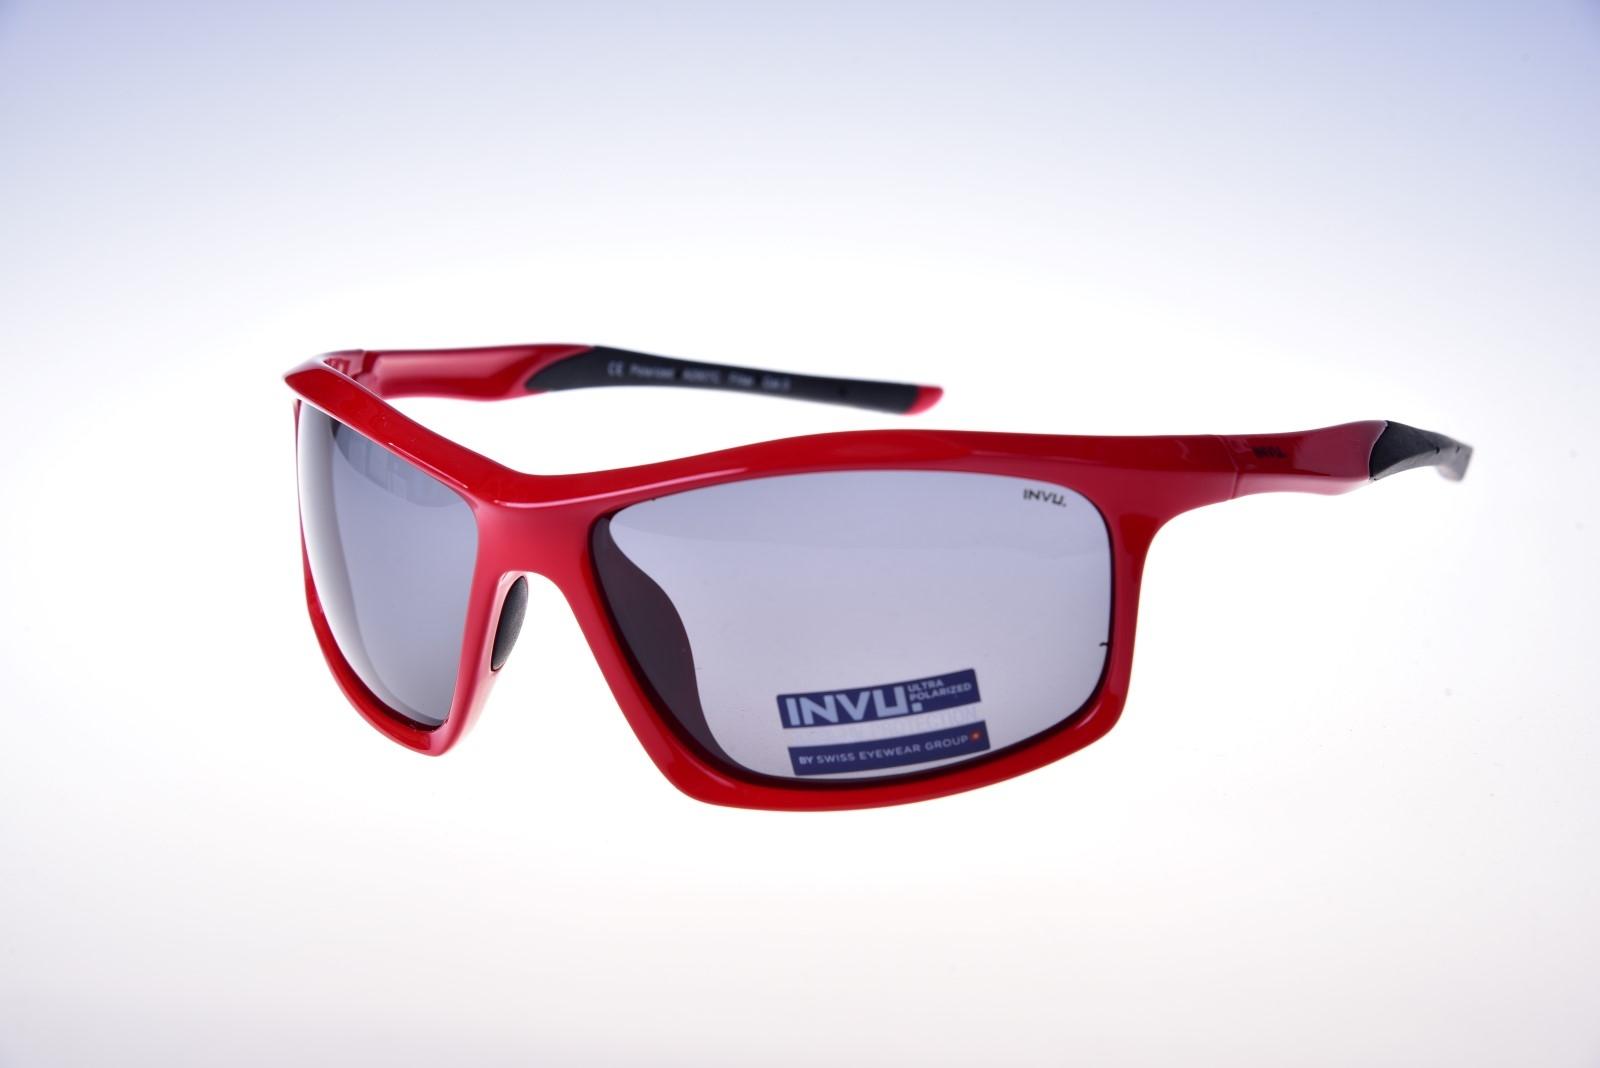 INVU. Active A2907C - Unisex slnečné okuliare